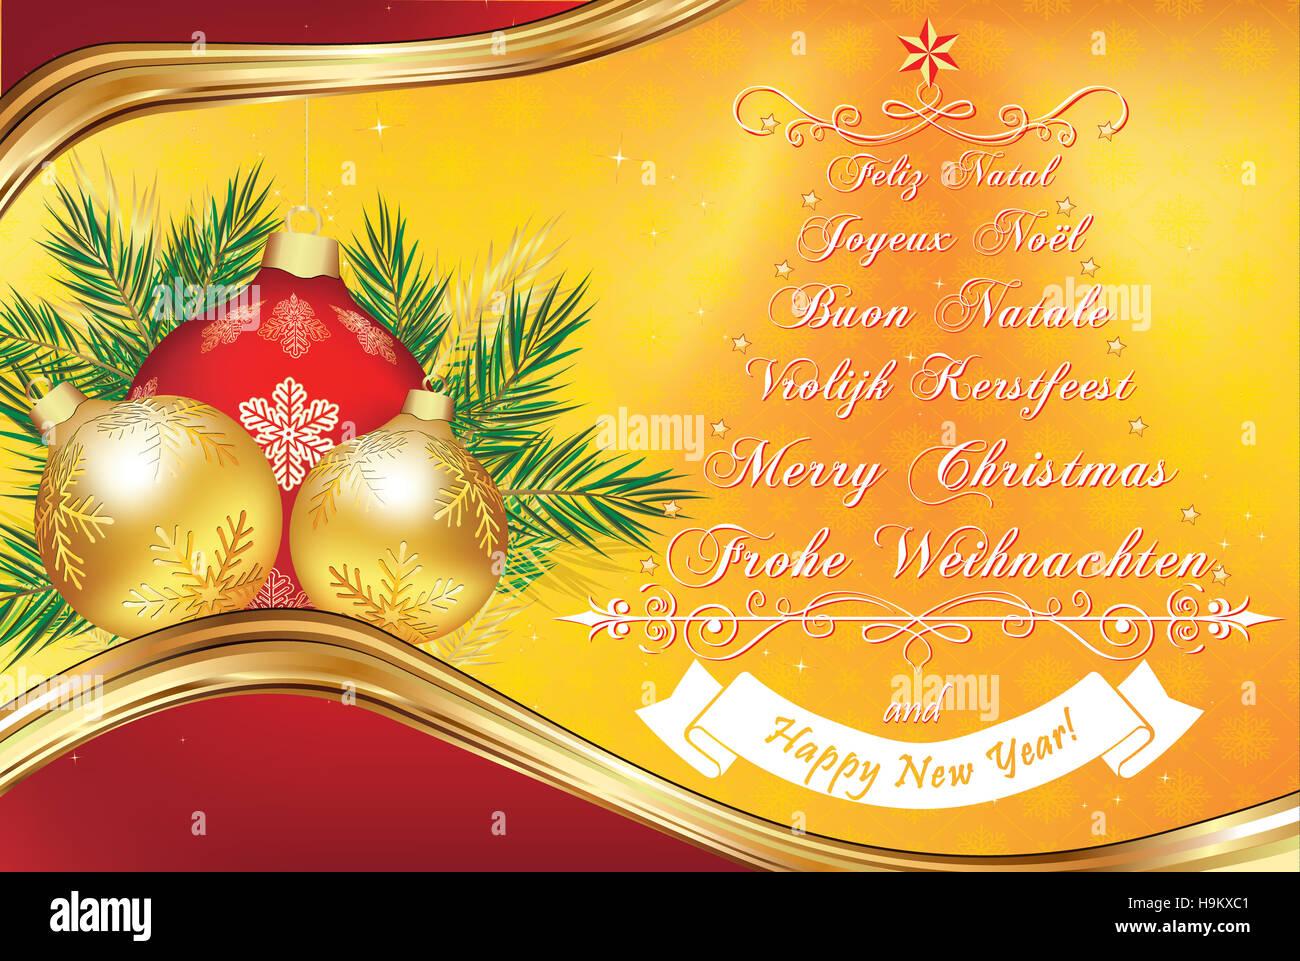 Frohe Weihnachten Englisch.Warm Neujahr Grußkarte In Vielen Sprachen Frohe Weihnachten In